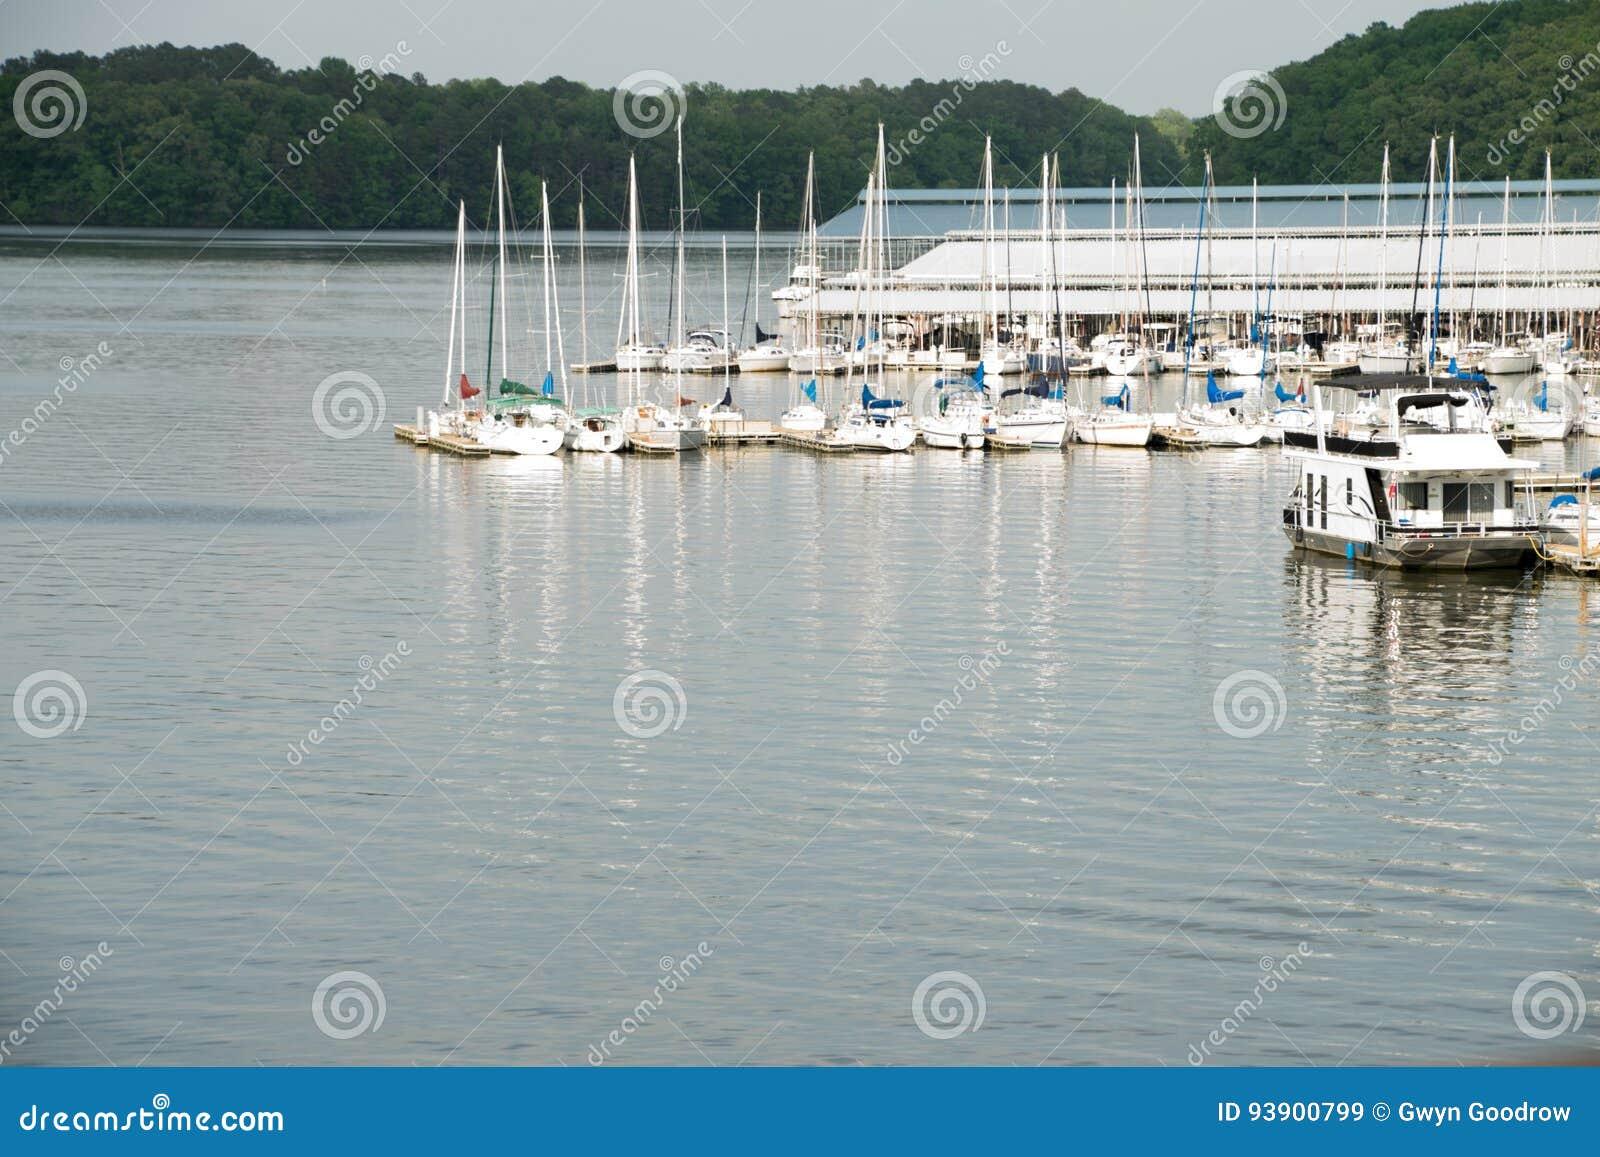 Editorial: Joe Wheeler State Park Alabama Marina and river